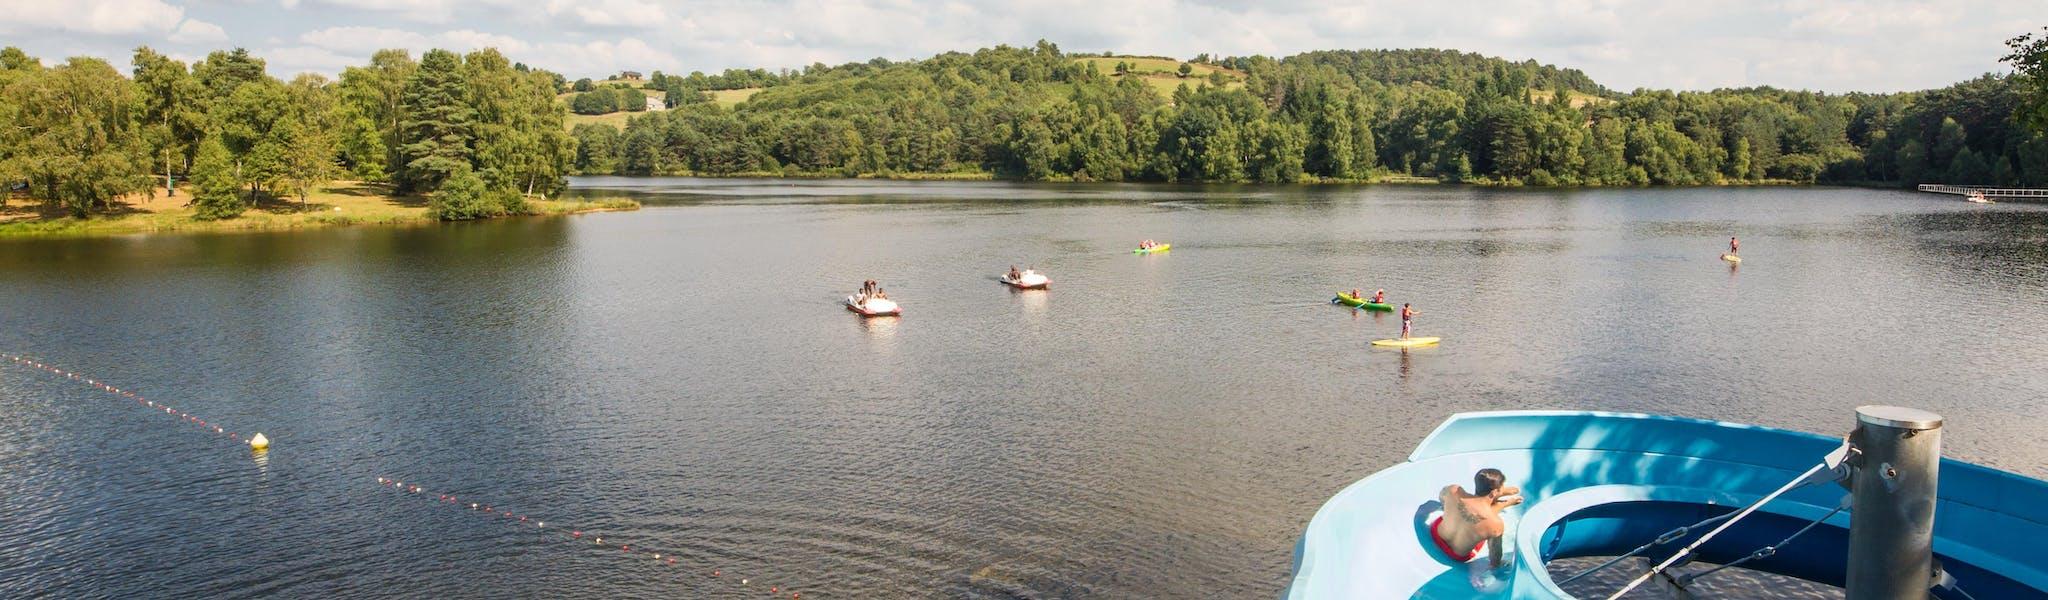 Domaine du Lac de Miel glijbaan